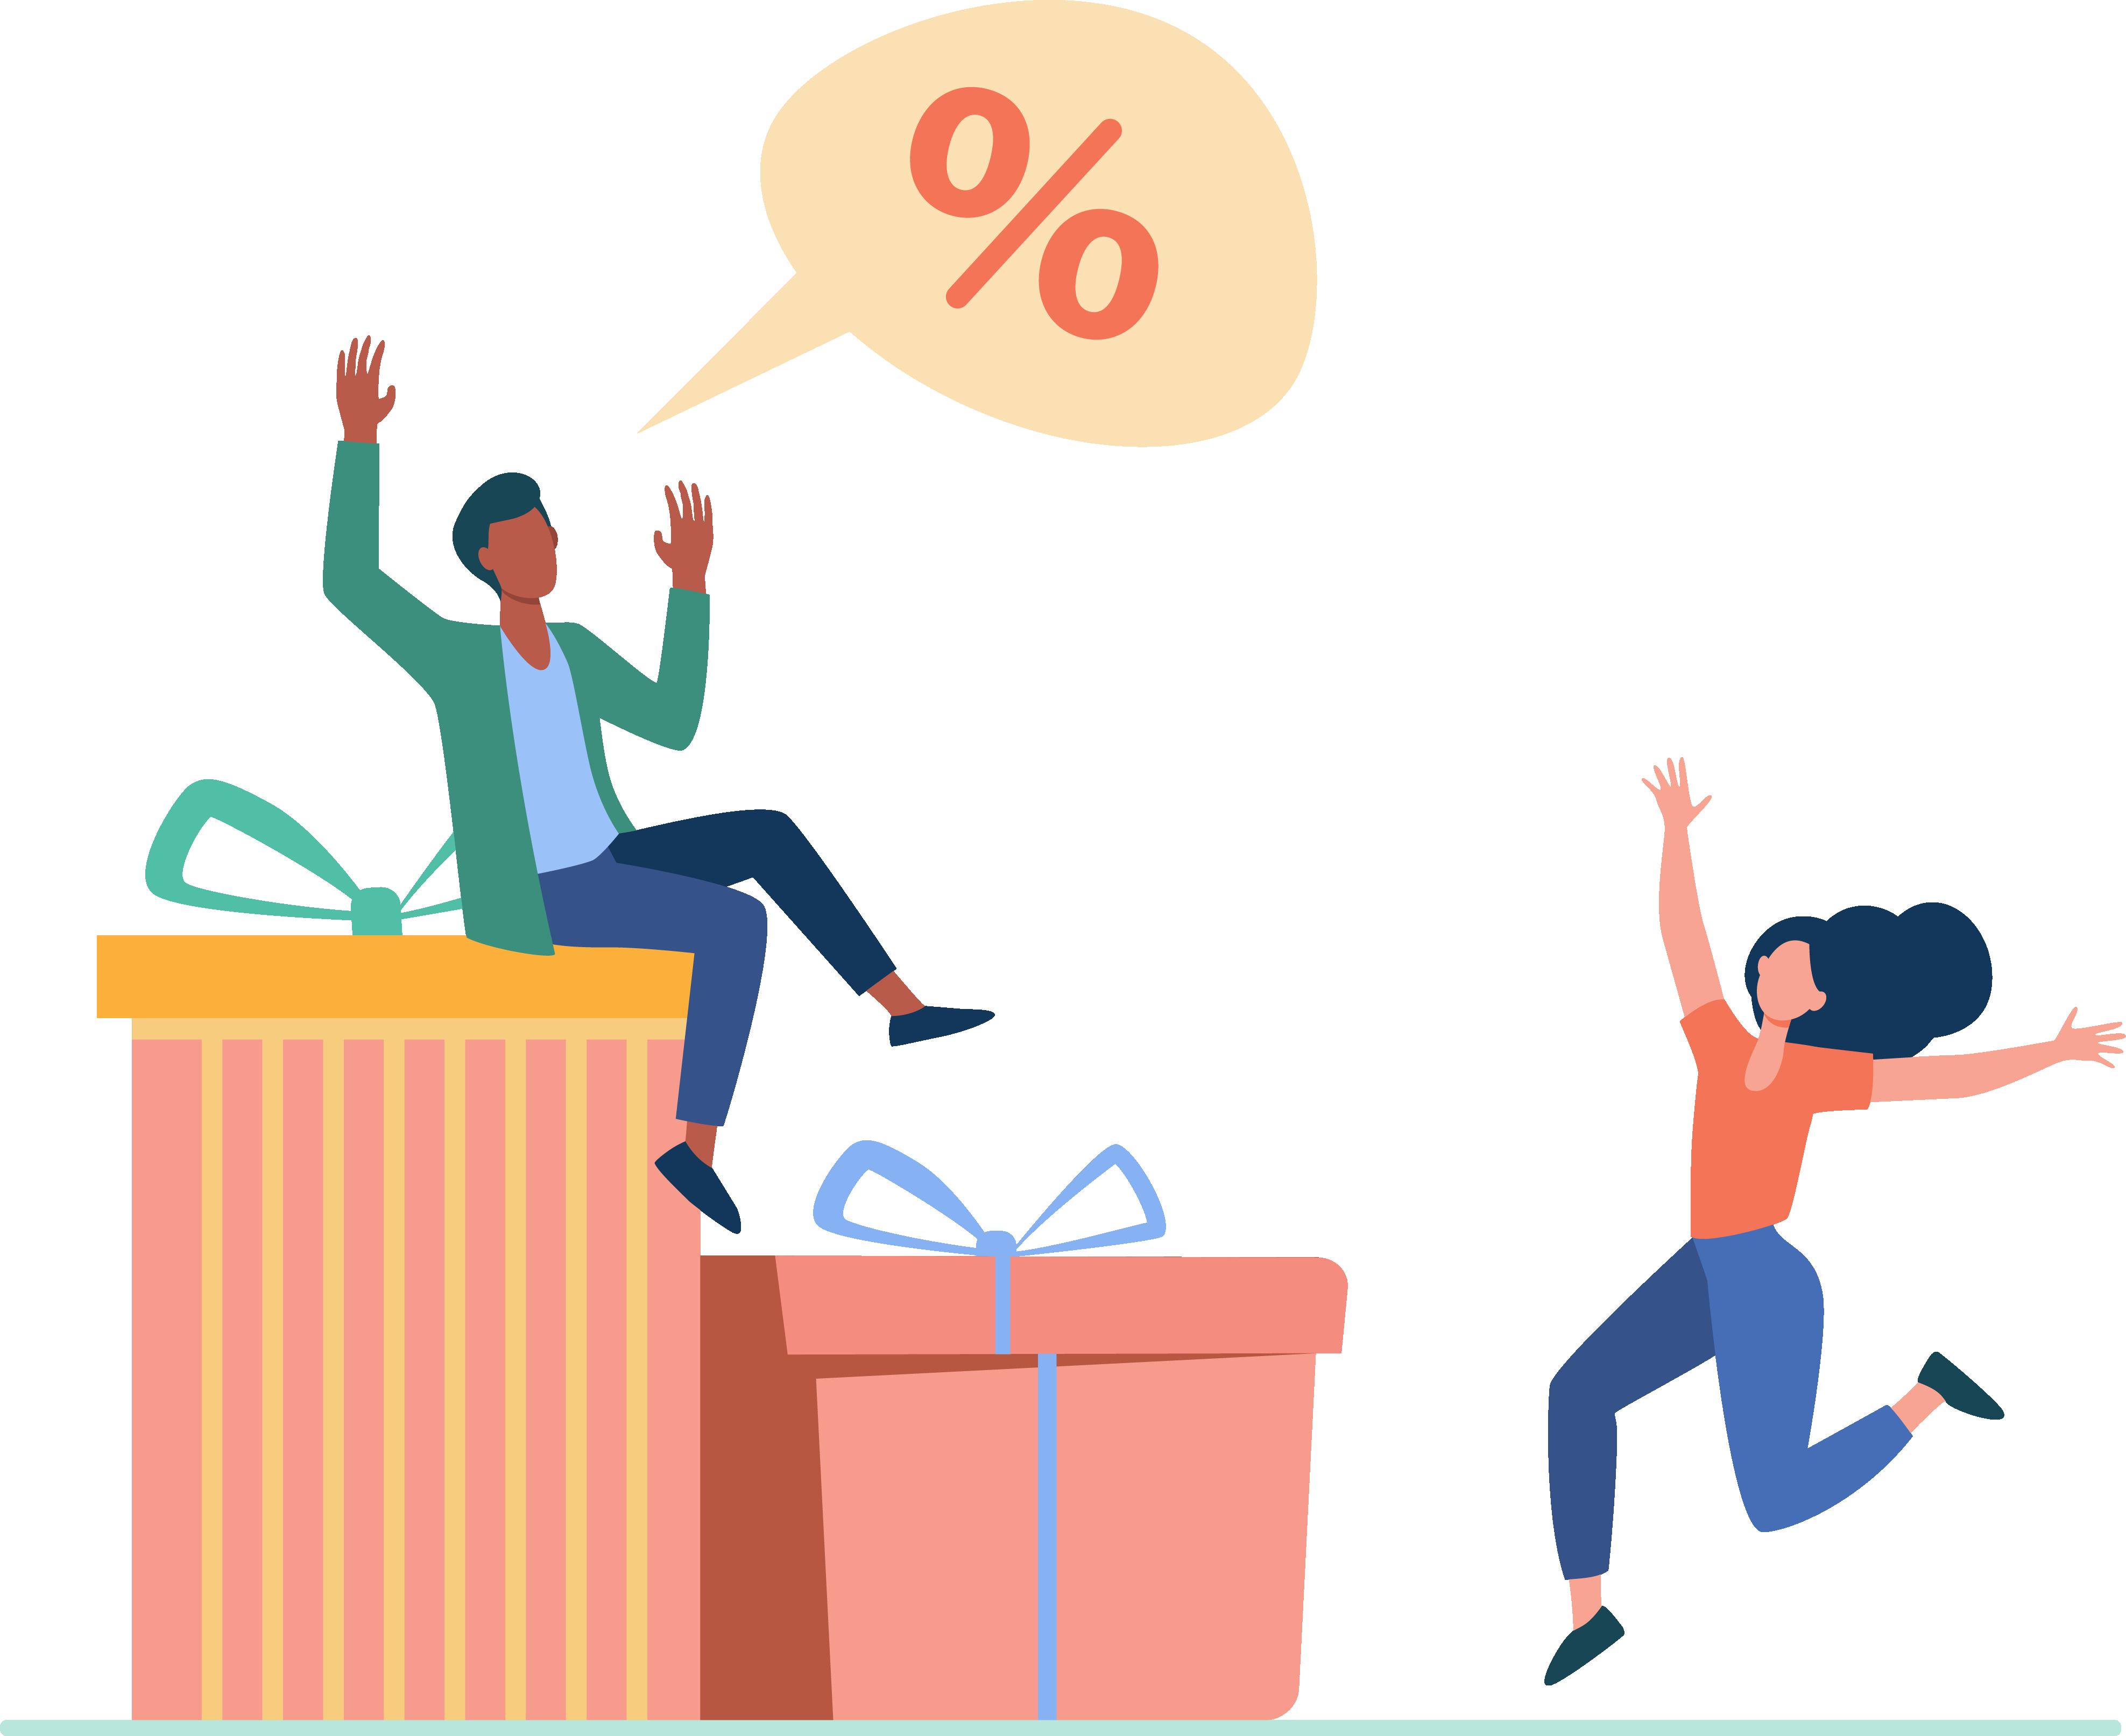 تاثیر هدیه دادن به خریداران در حفظ مشتری